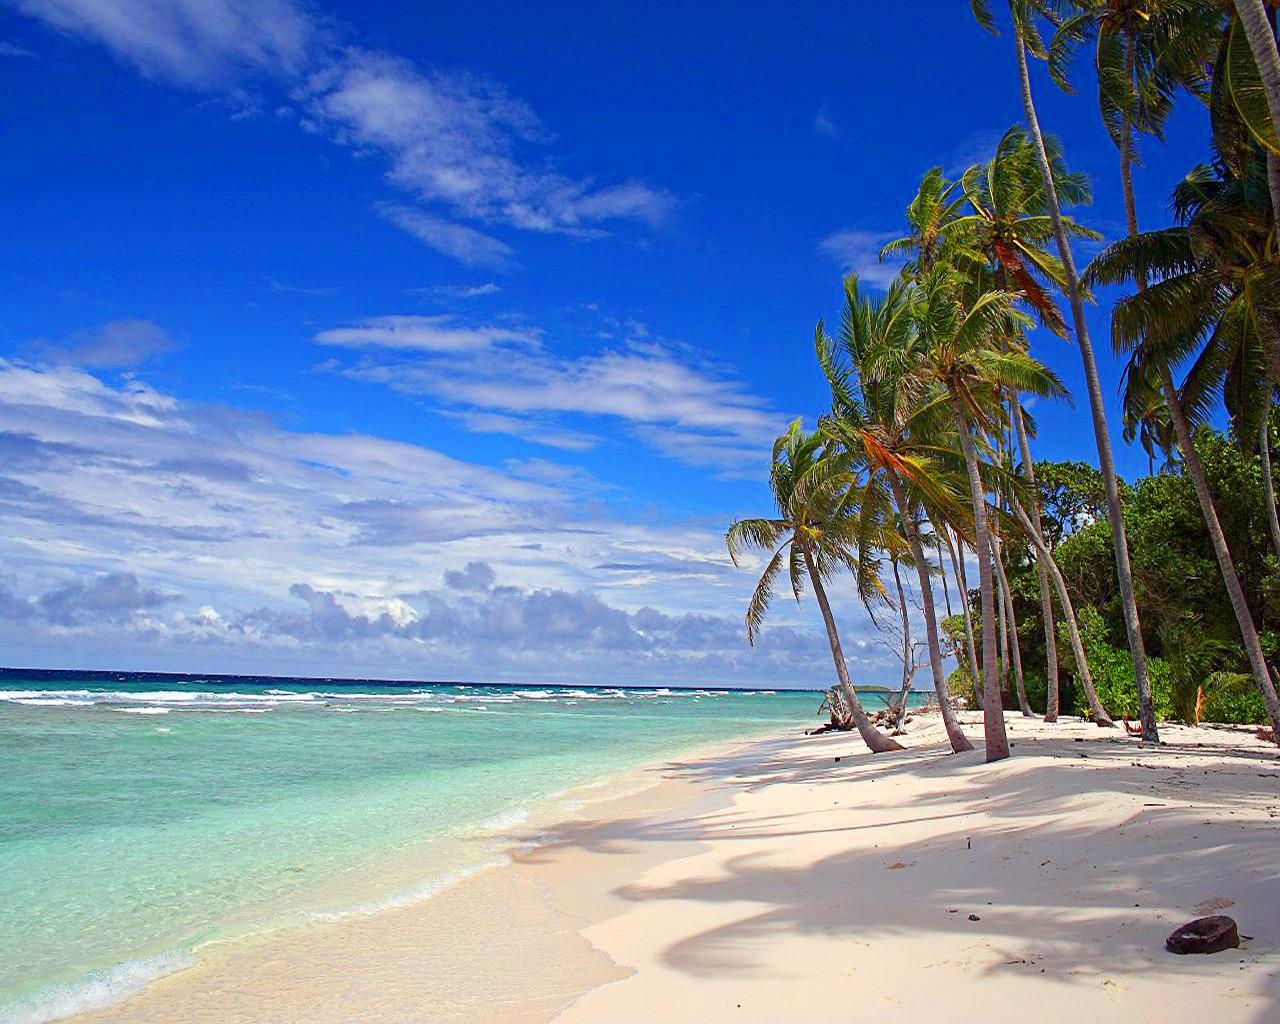 http://2.bp.blogspot.com/-BFCLUgo3Img/TzE2k1SIdRI/AAAAAAAAAOg/1c-S8pRsx1Q/s1600/Kiribati+beach.jpg